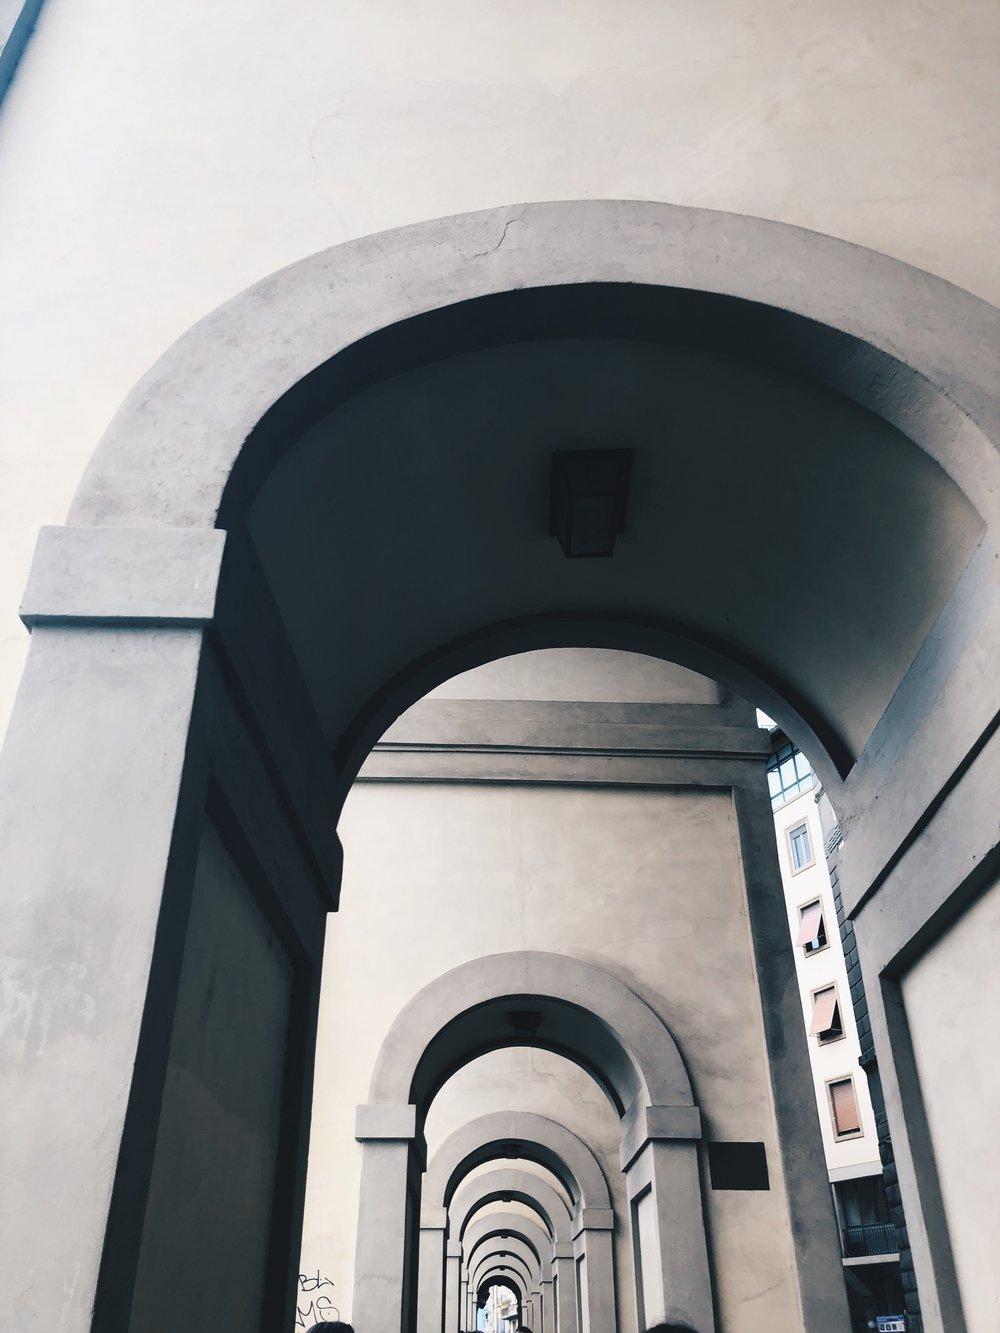 Architecture @ Ponte Vecchio